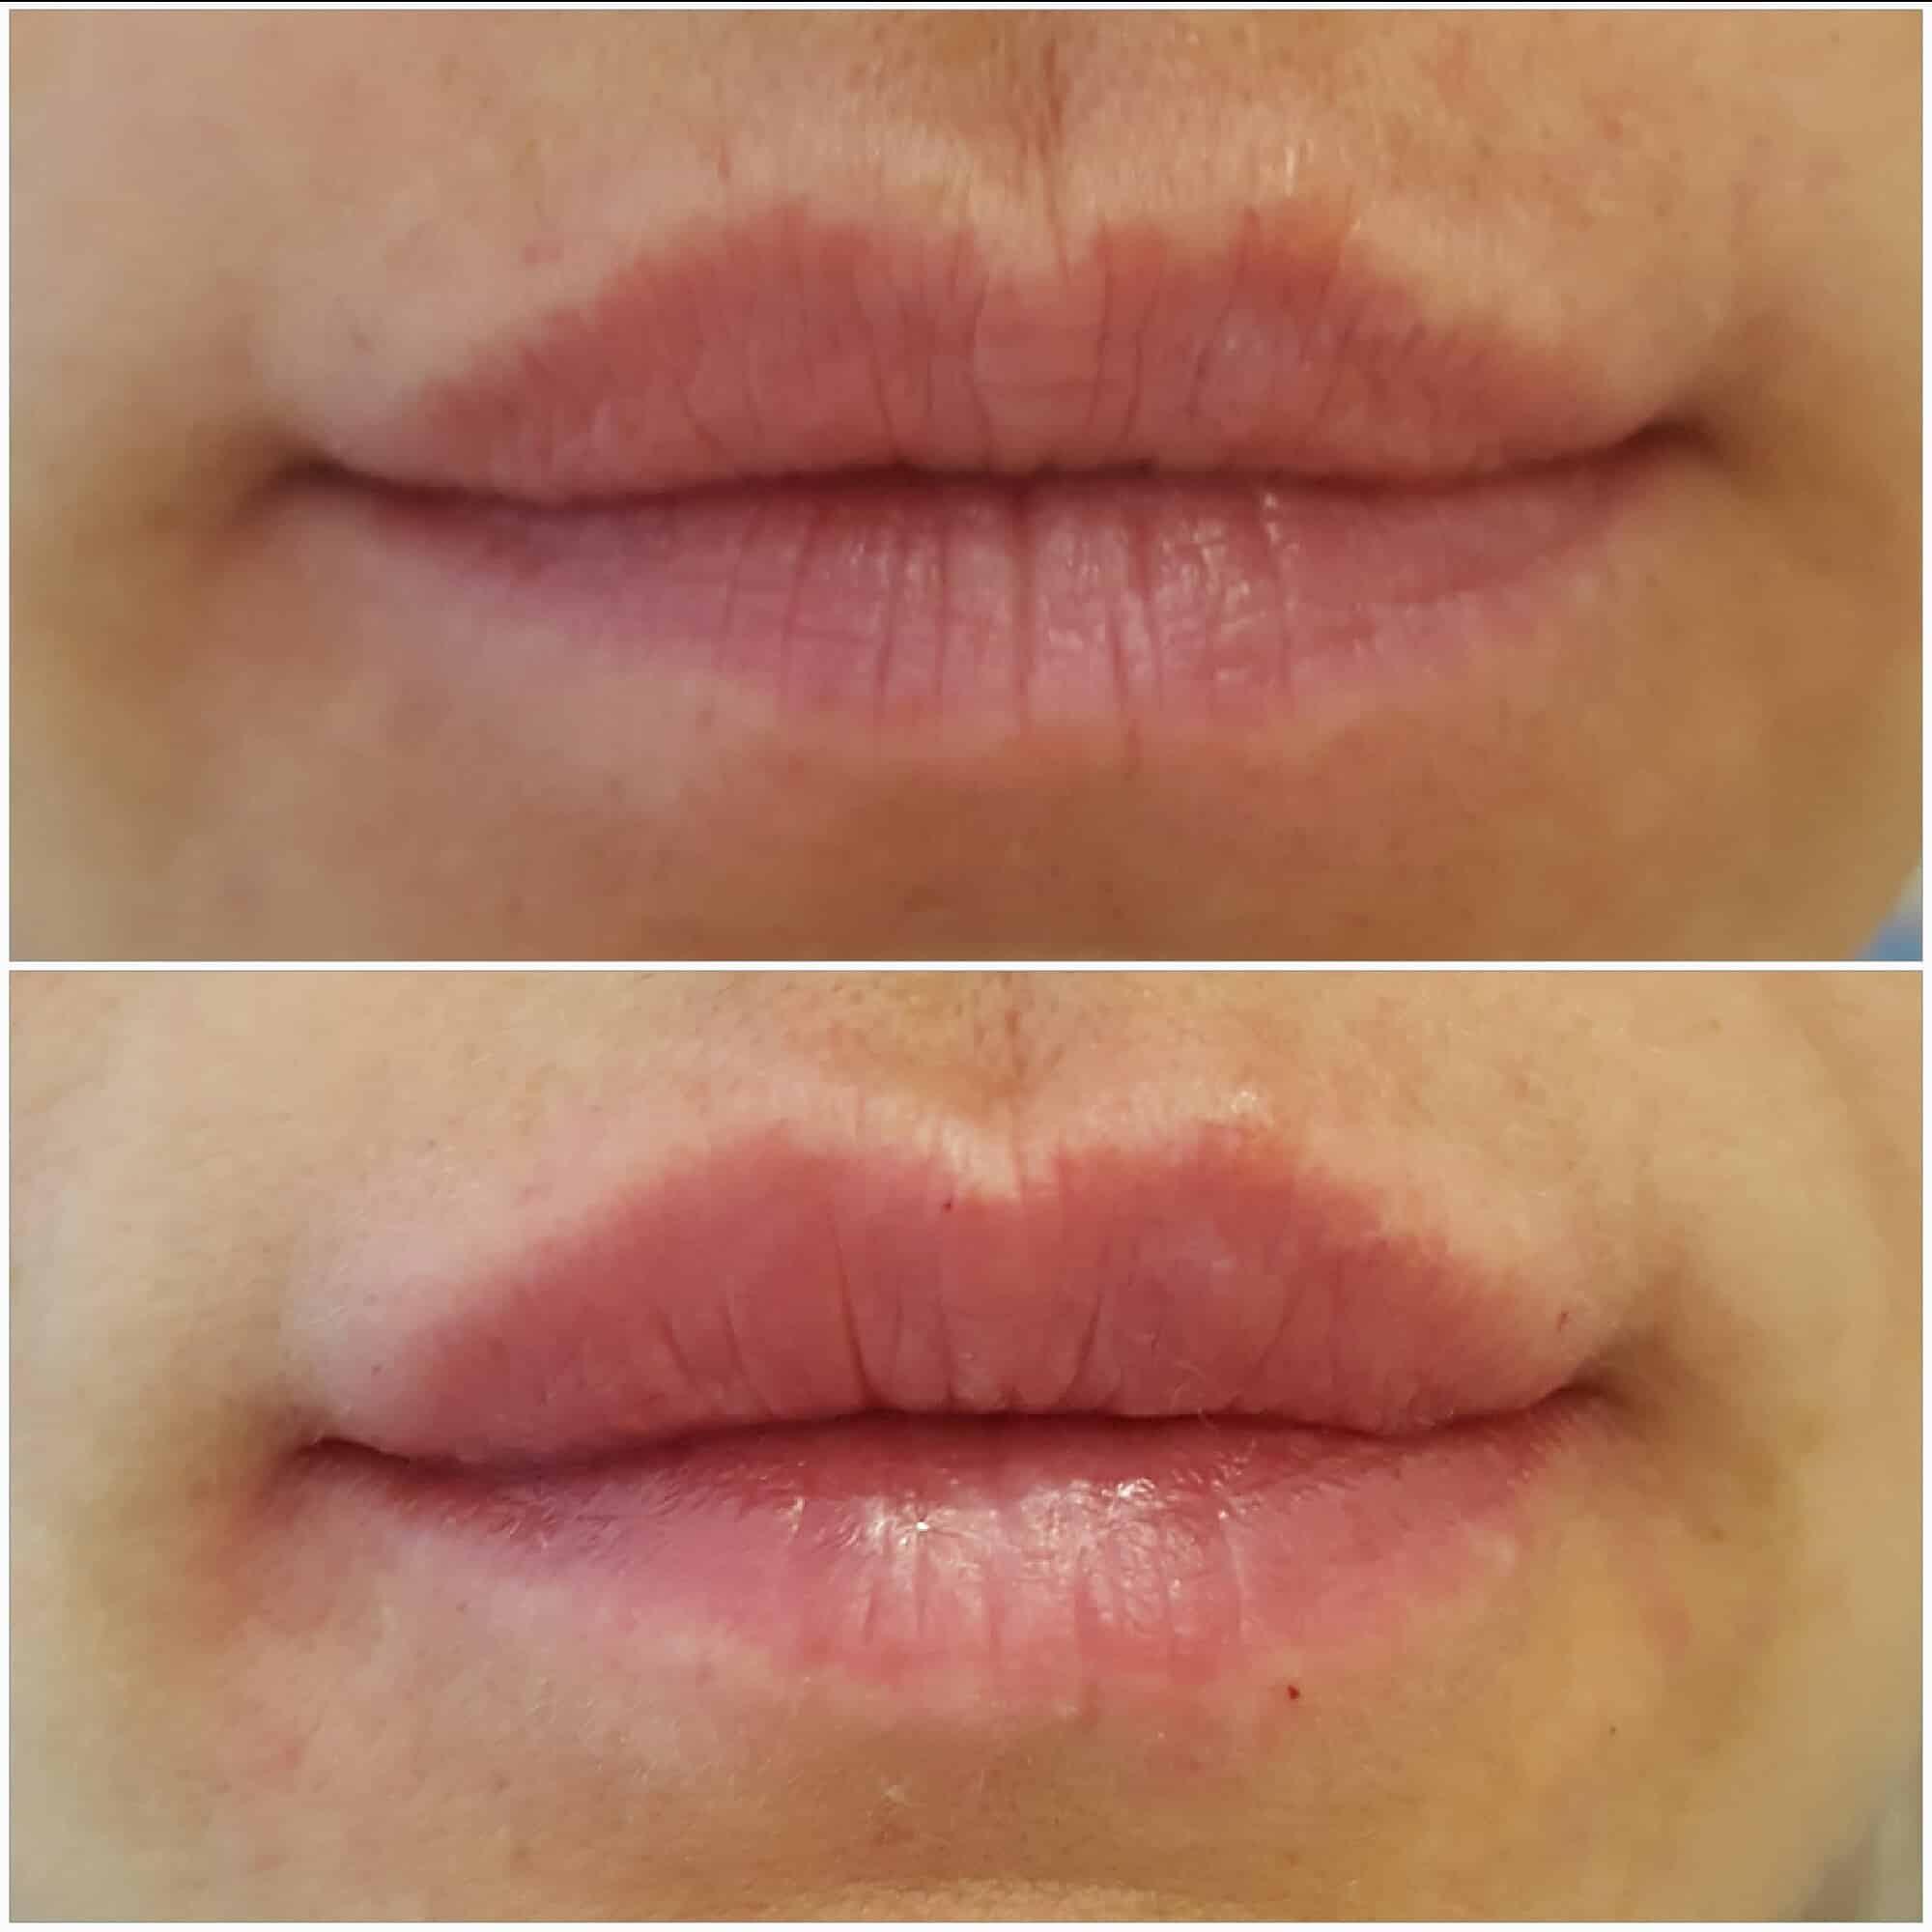 Парижская техника увеличения губ